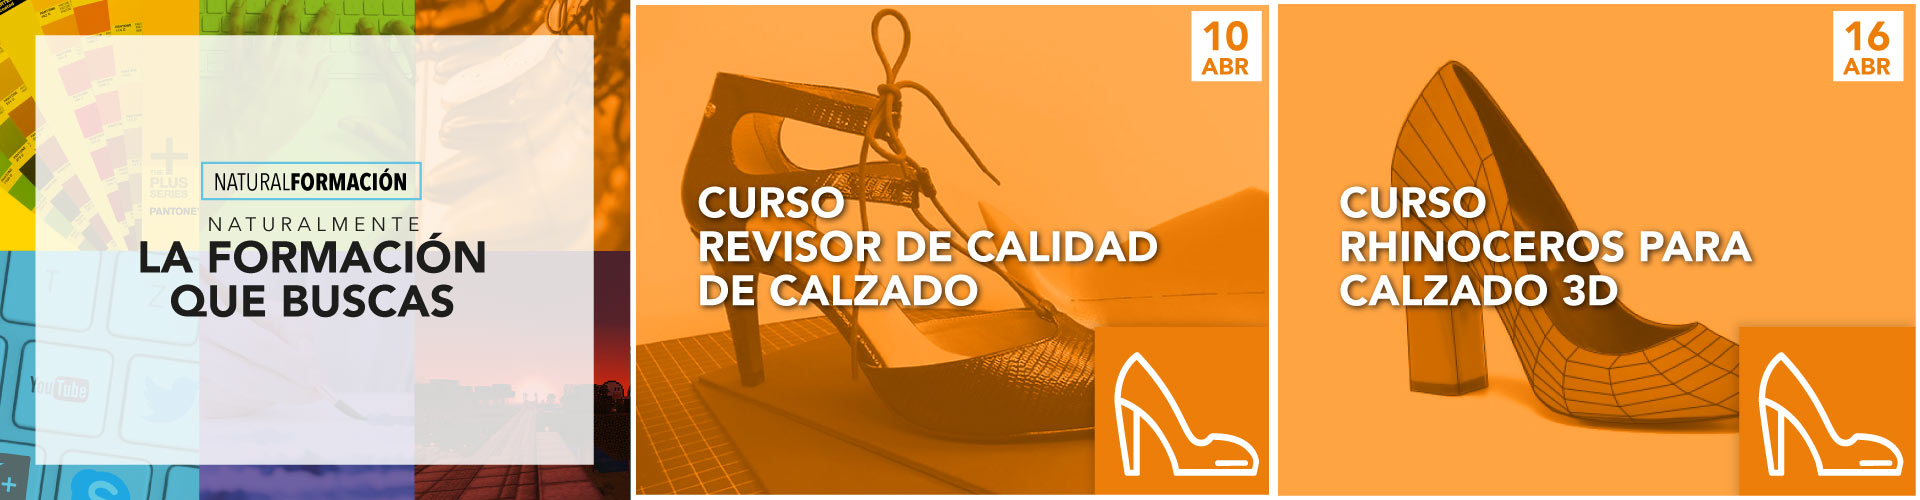 Curso de revisor de calidad de calzado y curso Rhinoceros para calzado 3d